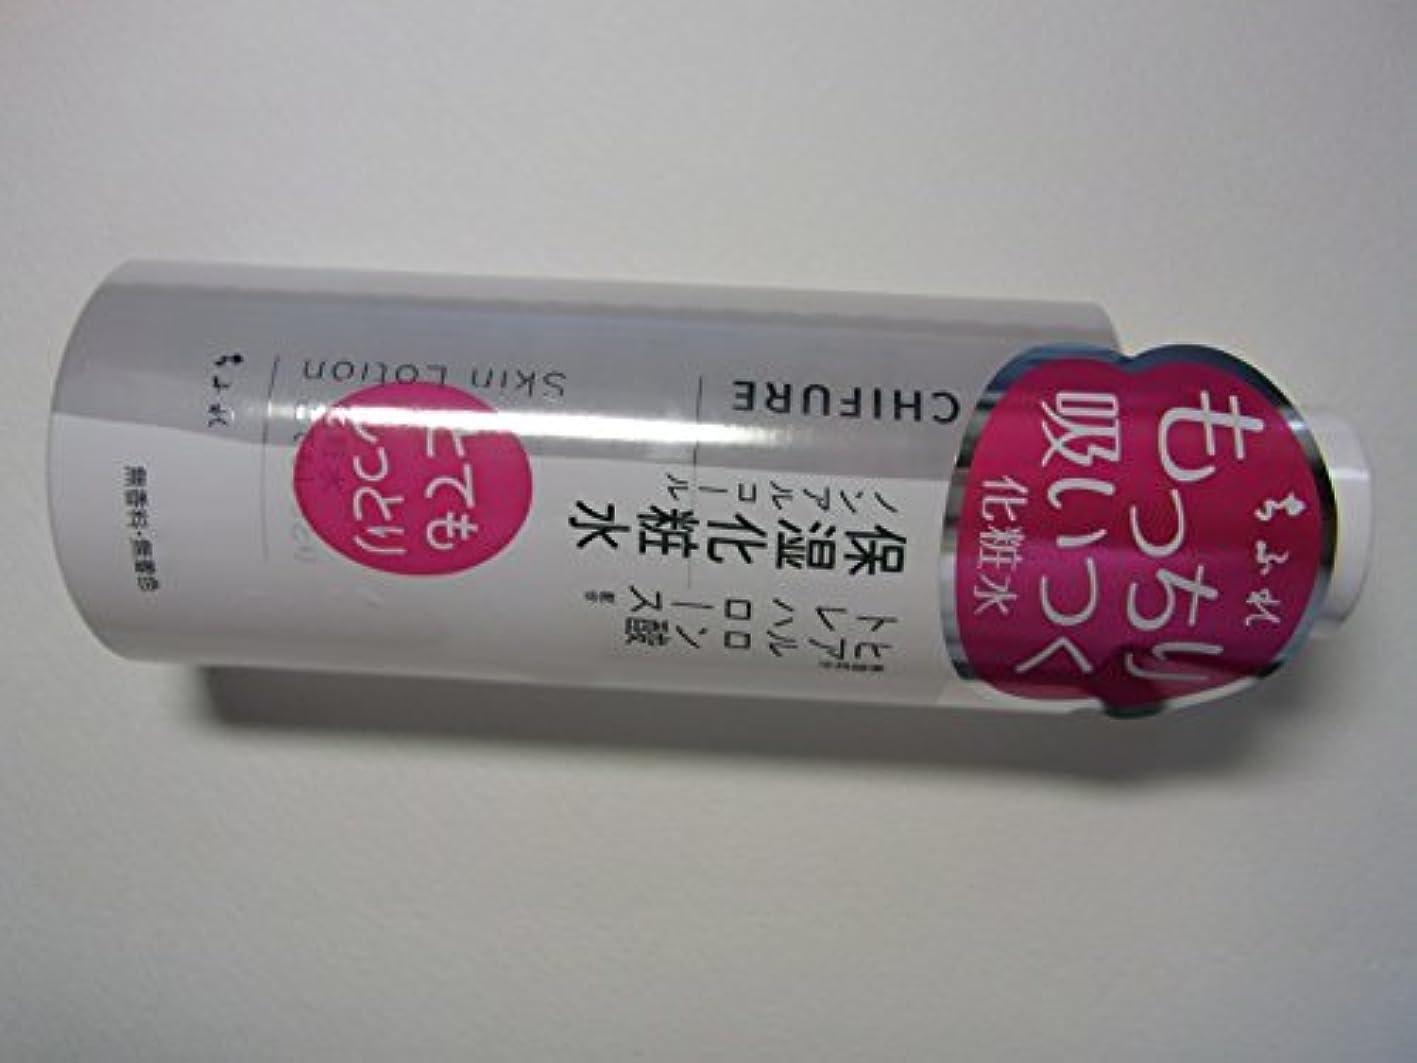 若い豊富症状ちふれ化粧品 化粧水 とてもしっとりタイプ 180ML